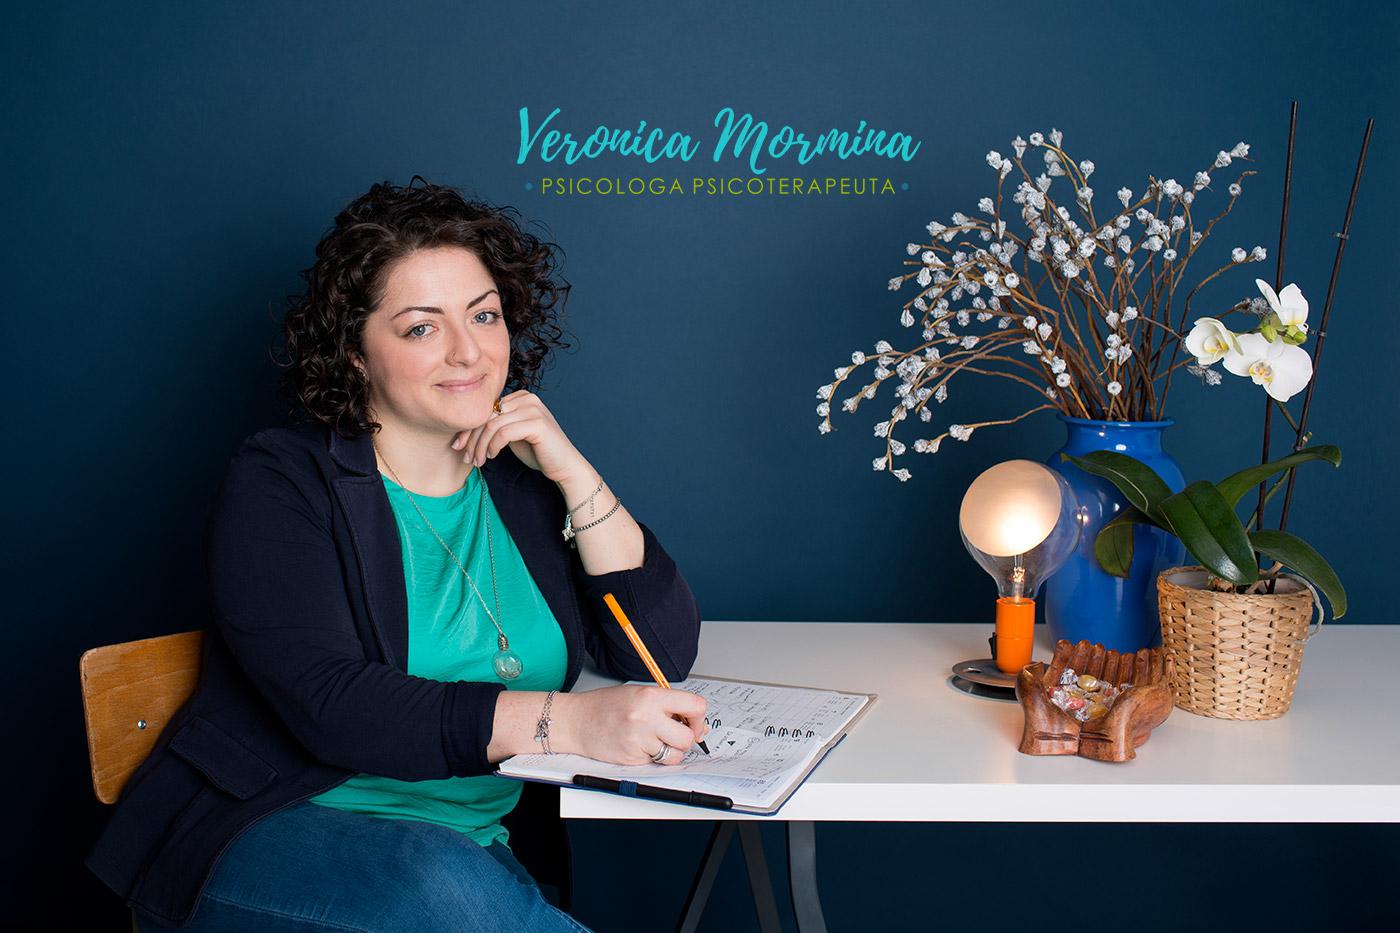 Veronica Mormina Psicologa Psicoterapeuta a Padova